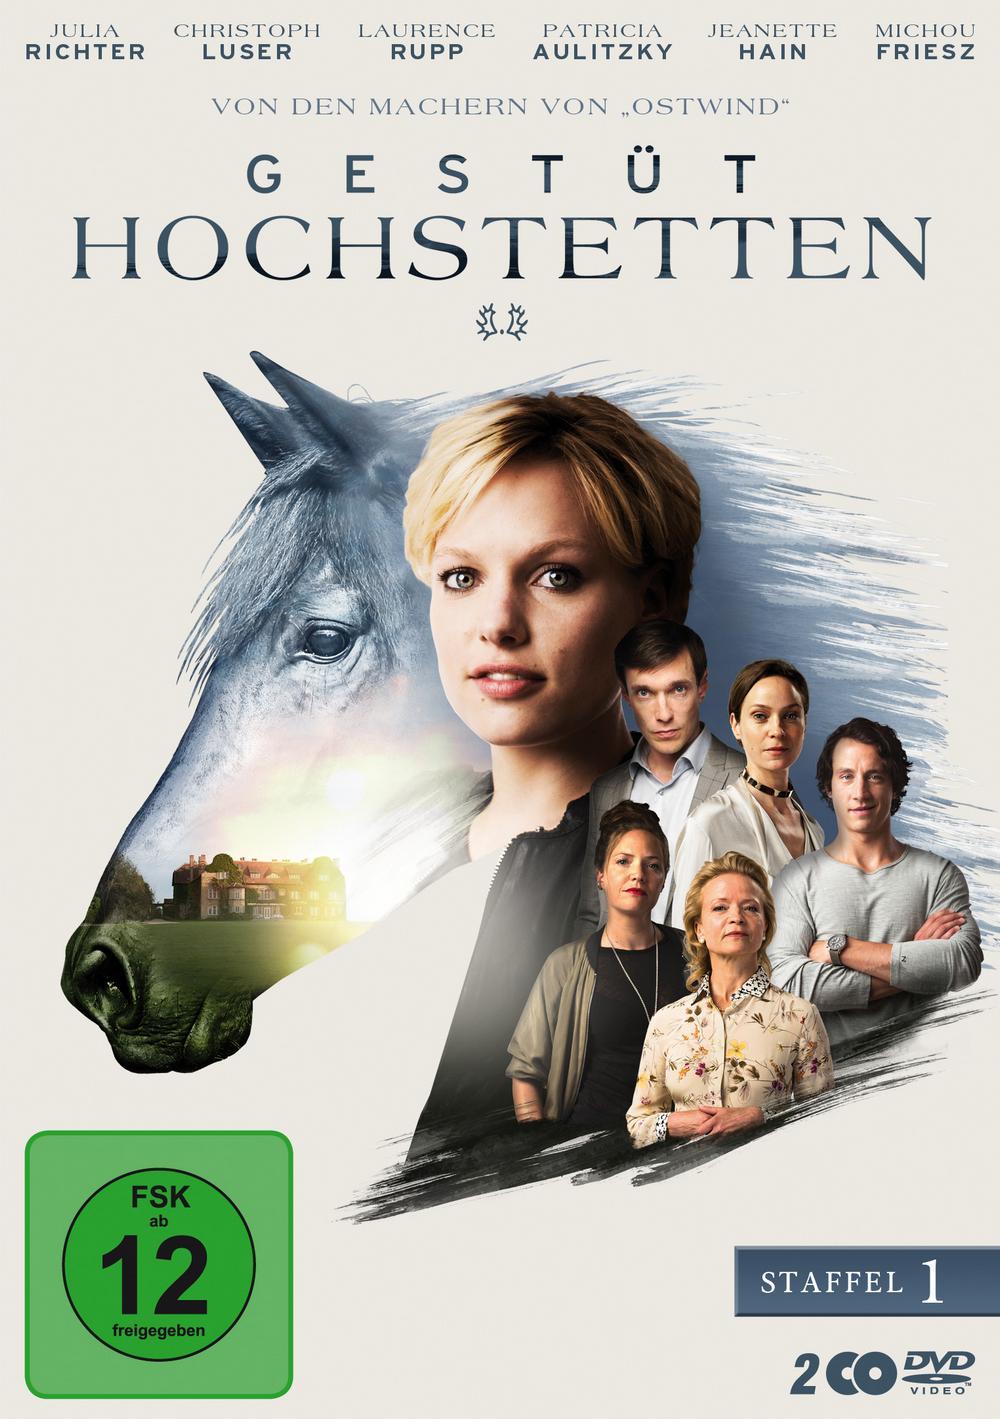 Gestüt Hochstetten - Film